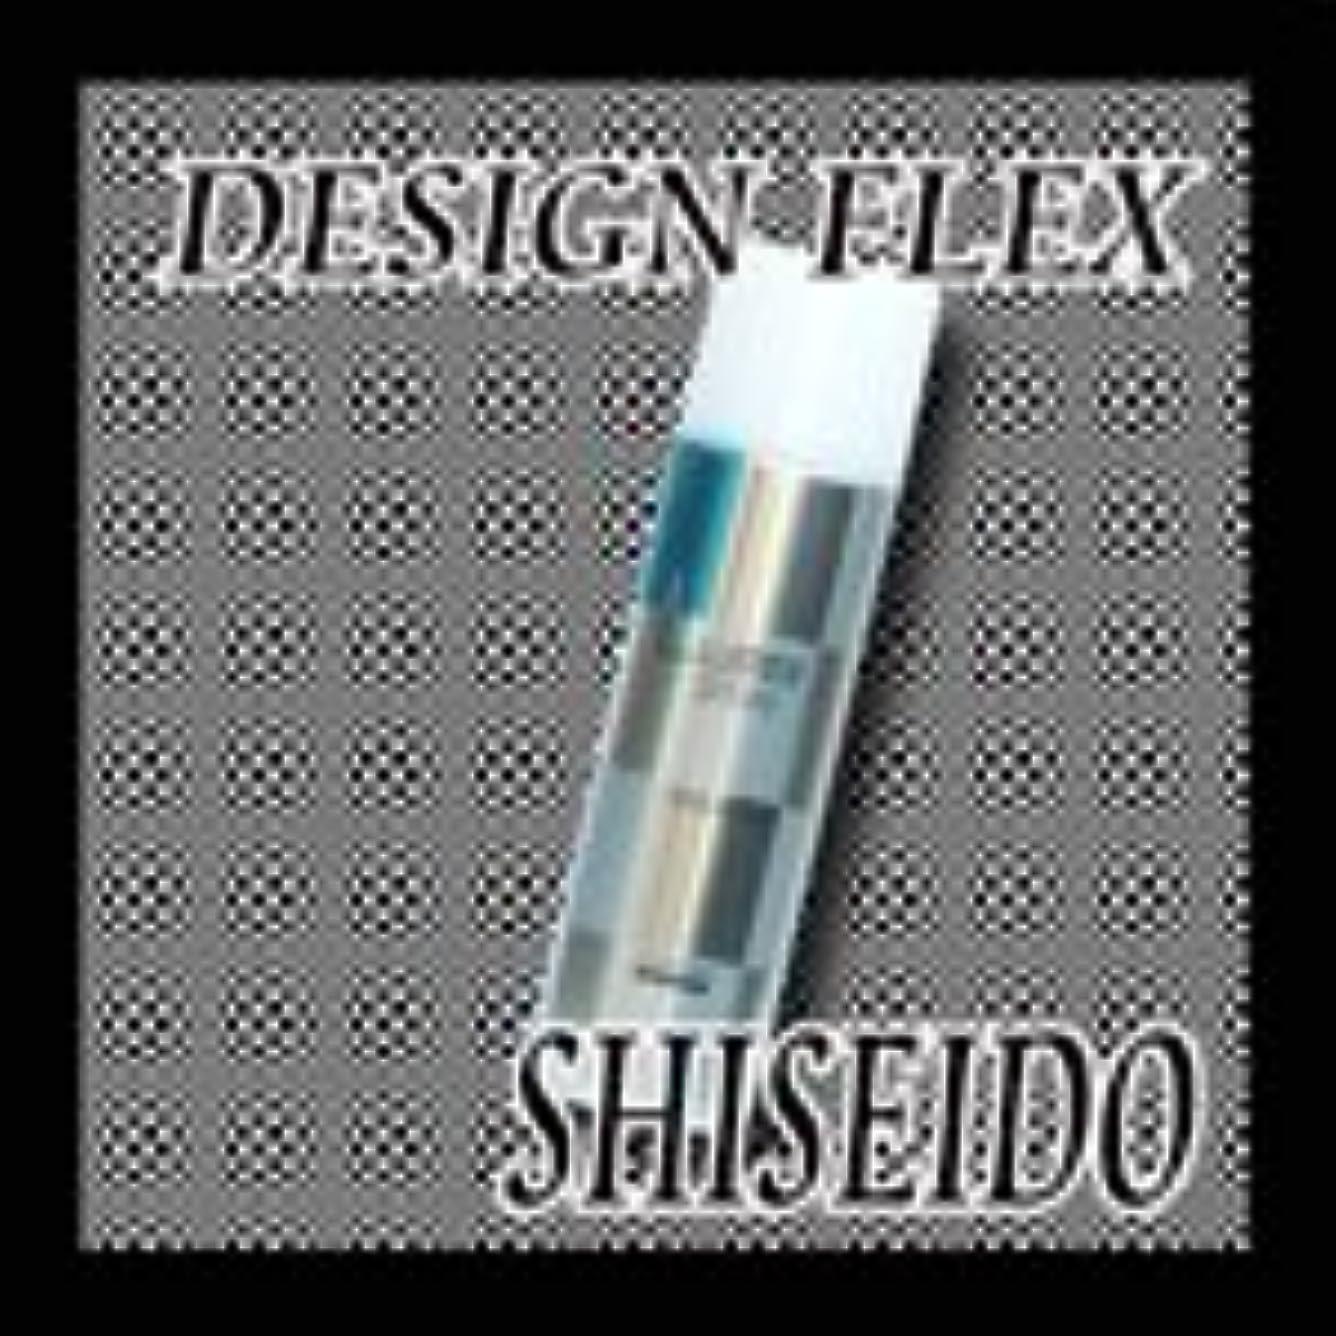 間違いなく市民灰SHISEIDO 資生堂 プロフェッショナル DESIGN FLEX デザインフレックス ラスタースプレー215g